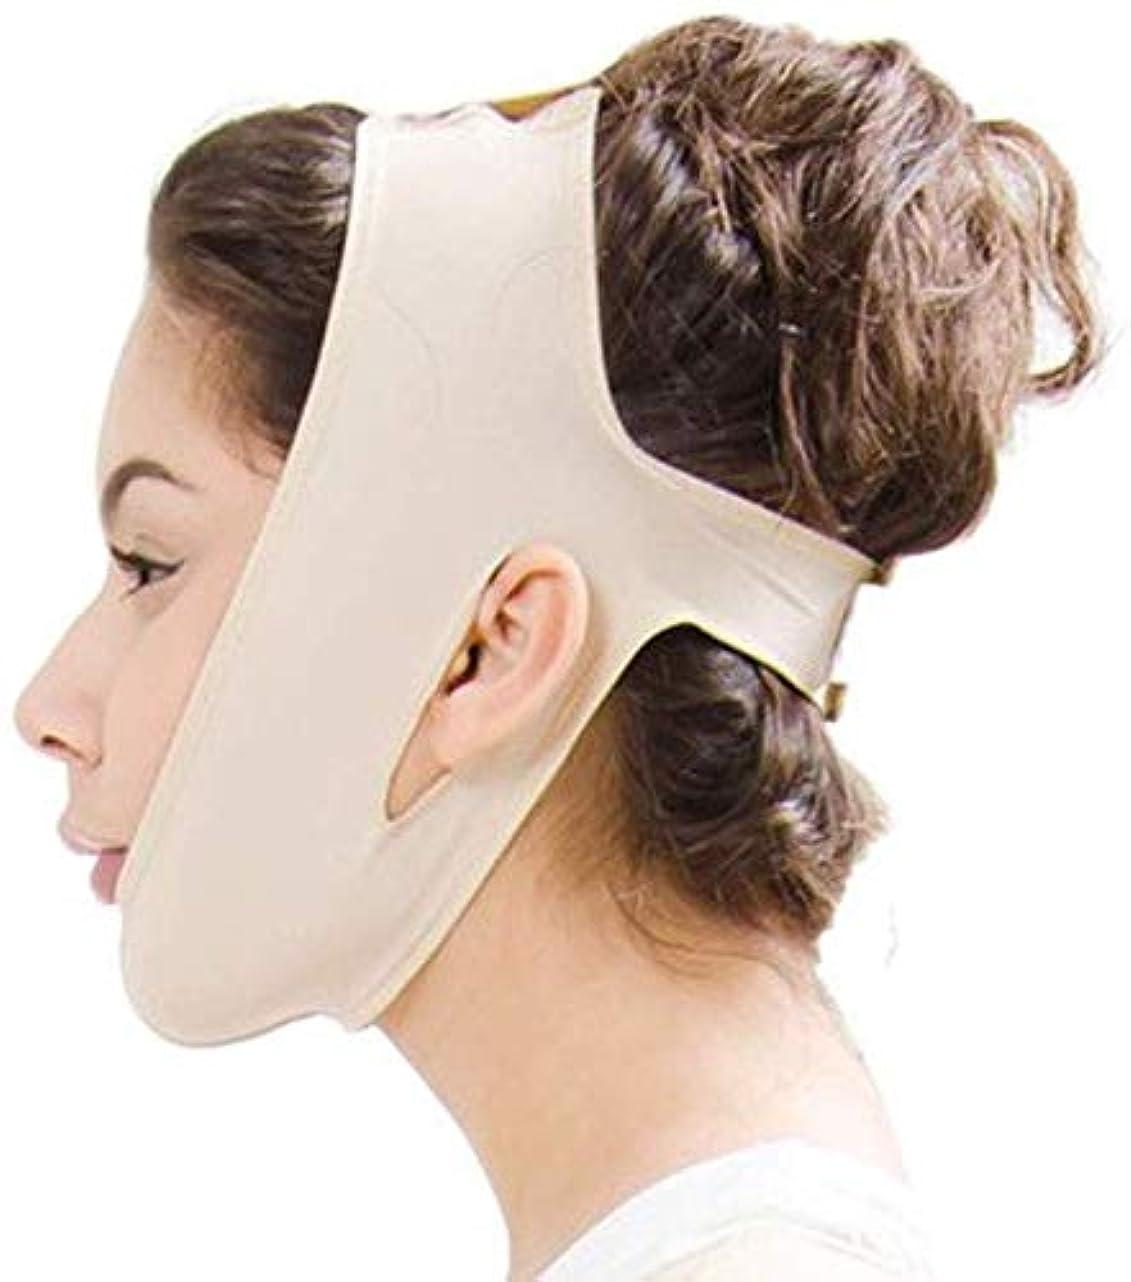 実施する生き残りホイール美容と実用的なフェイスリフティングマスク、フェイスダブルチンコンプレッションシンスモールVフェイスバンデージヘッドギアリフティングファーミングスキン(サイズ:XXL)